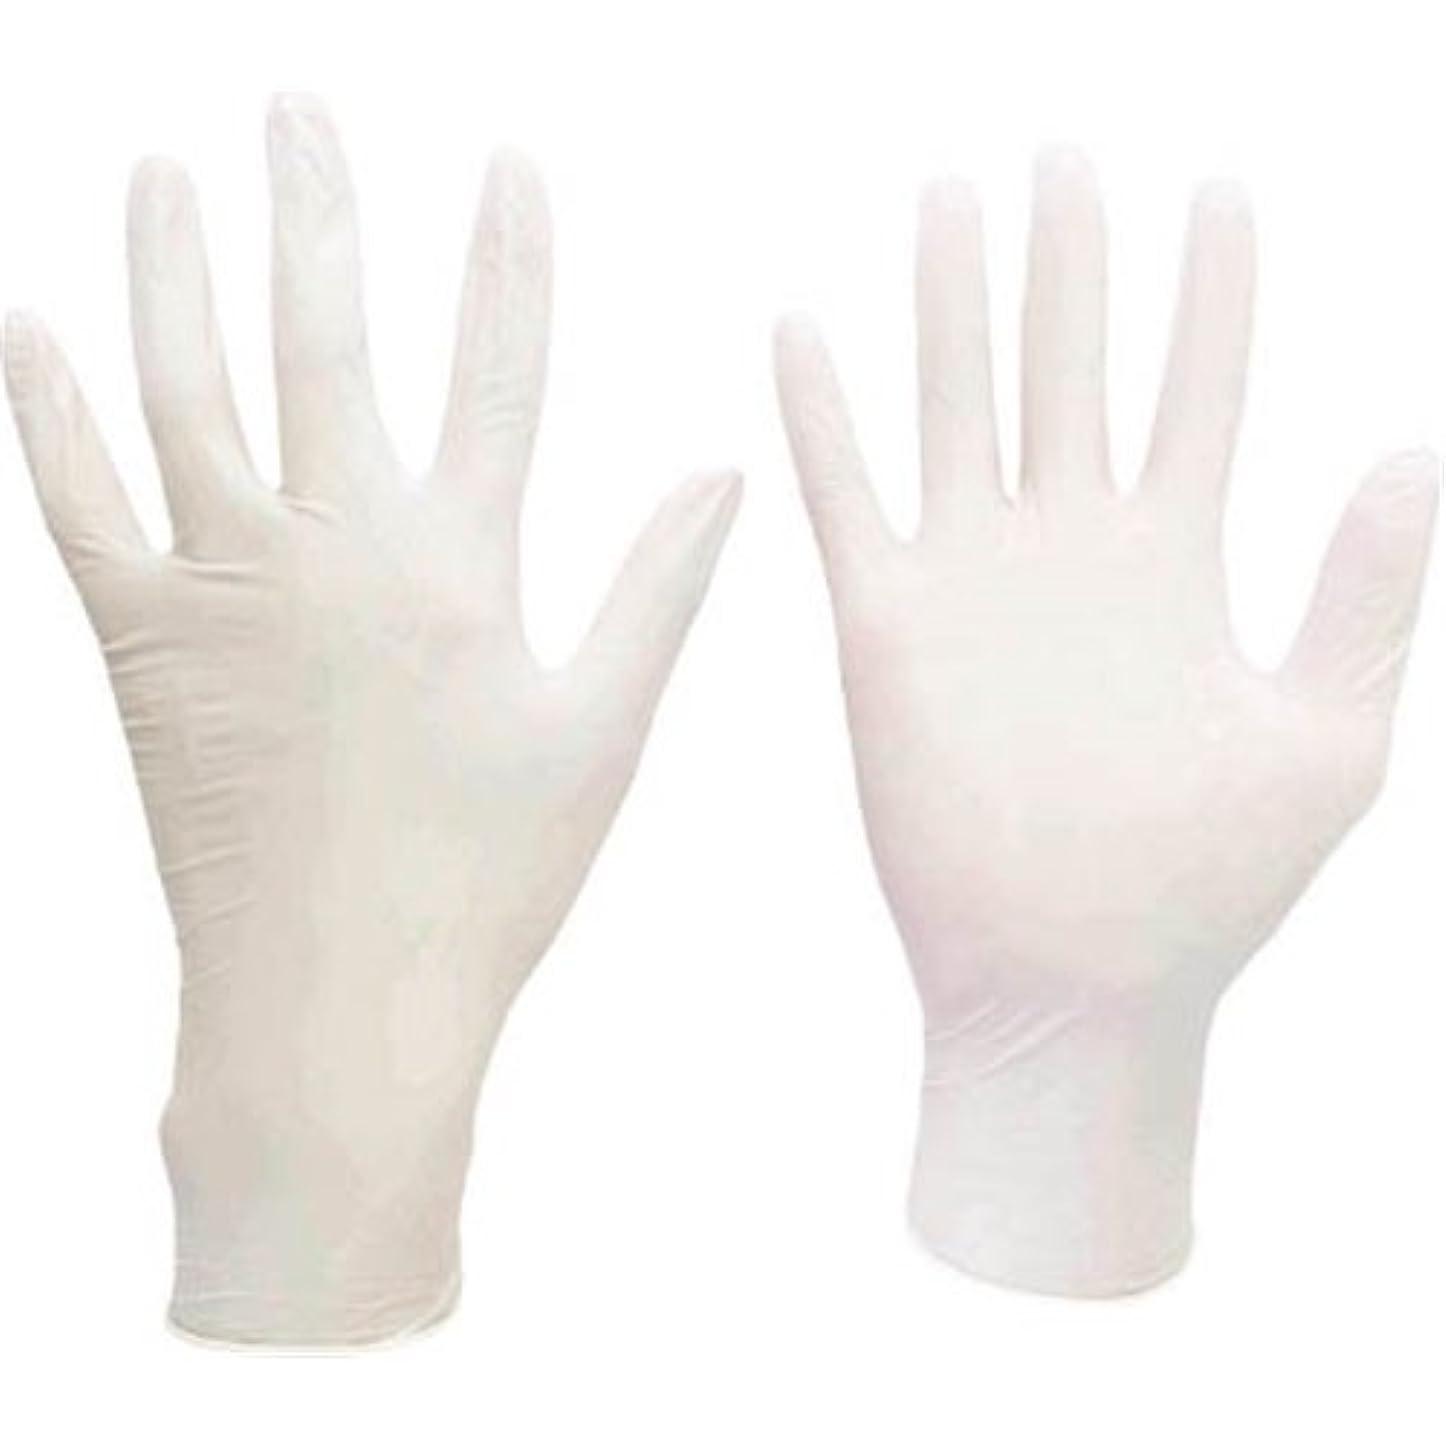 ギャザーアトラスローマ人ミドリ安全/ミドリ安全 ニトリル使い捨て手袋 極薄 粉なし 100枚入 白 M(3889084) VERTE-711-M